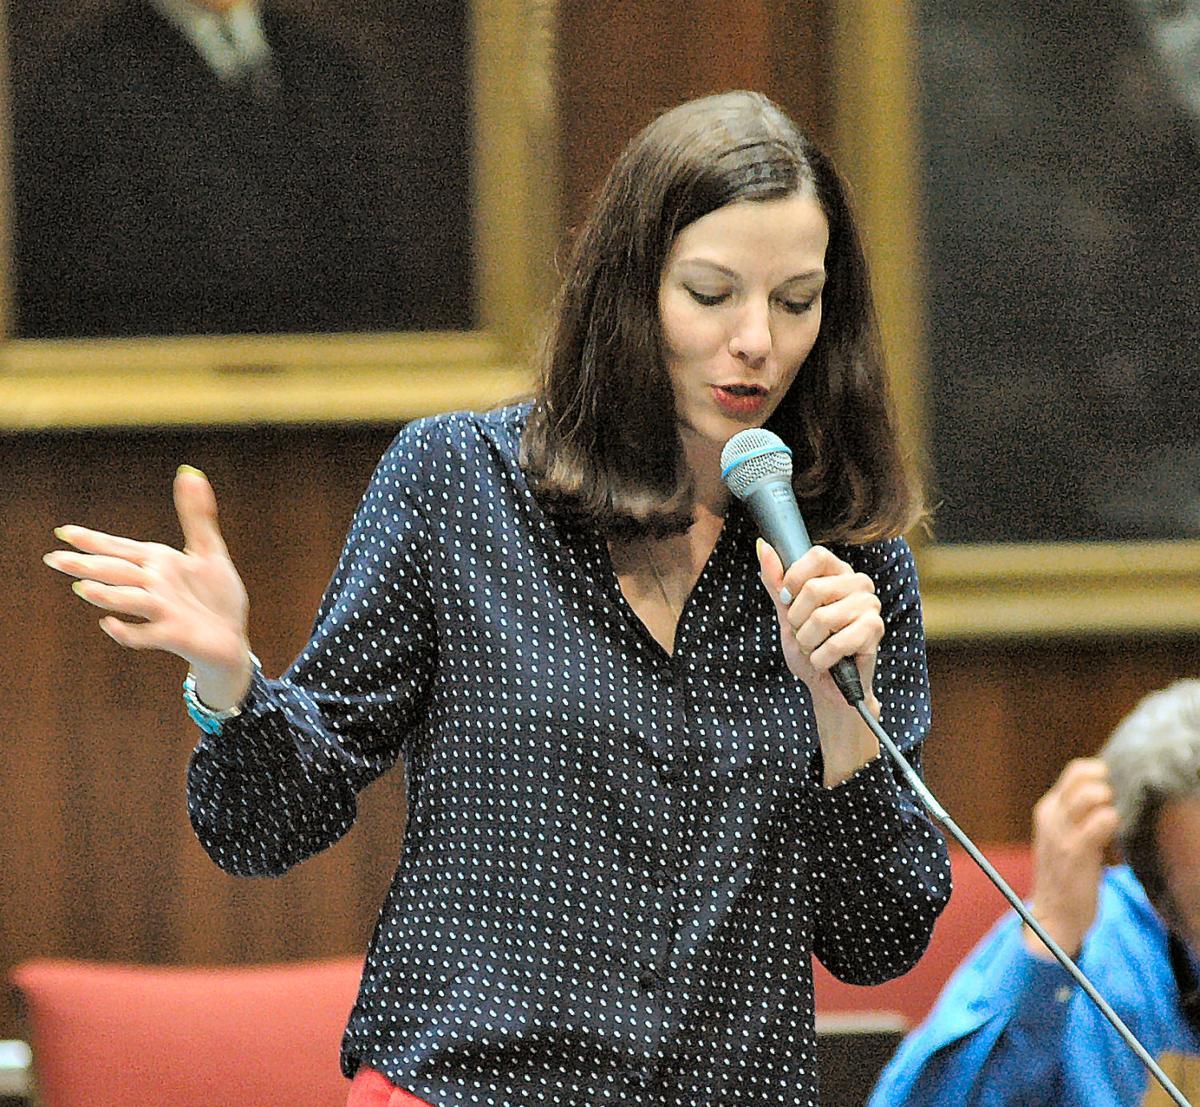 Rep. Michelle Ugenti-Rita